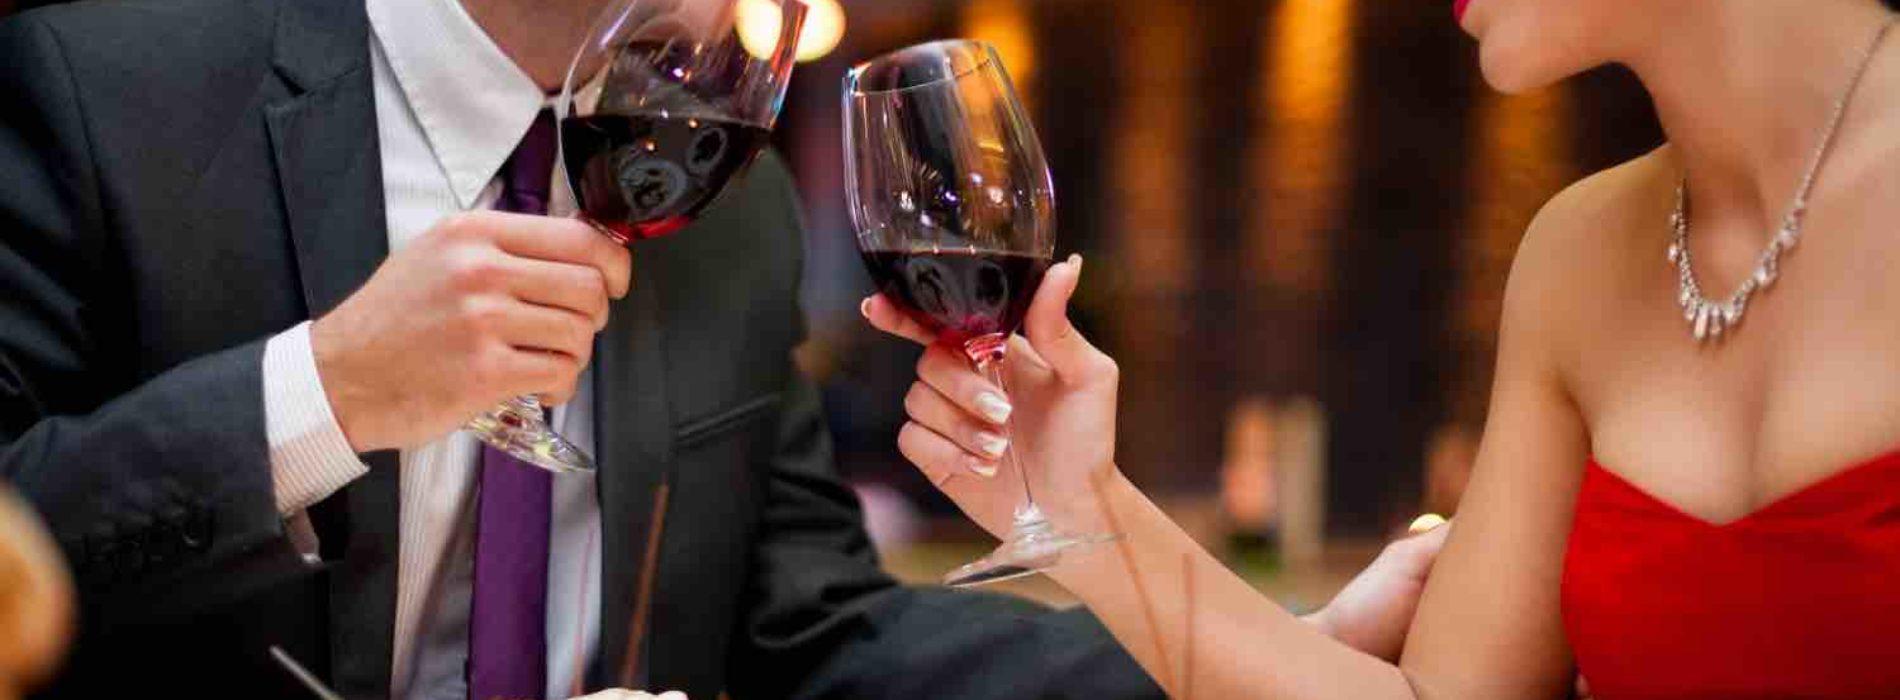 Chi paga il conto al ristorante? Galateo, buon senso e regole per lui e lei (senza dimenticare la mancia)